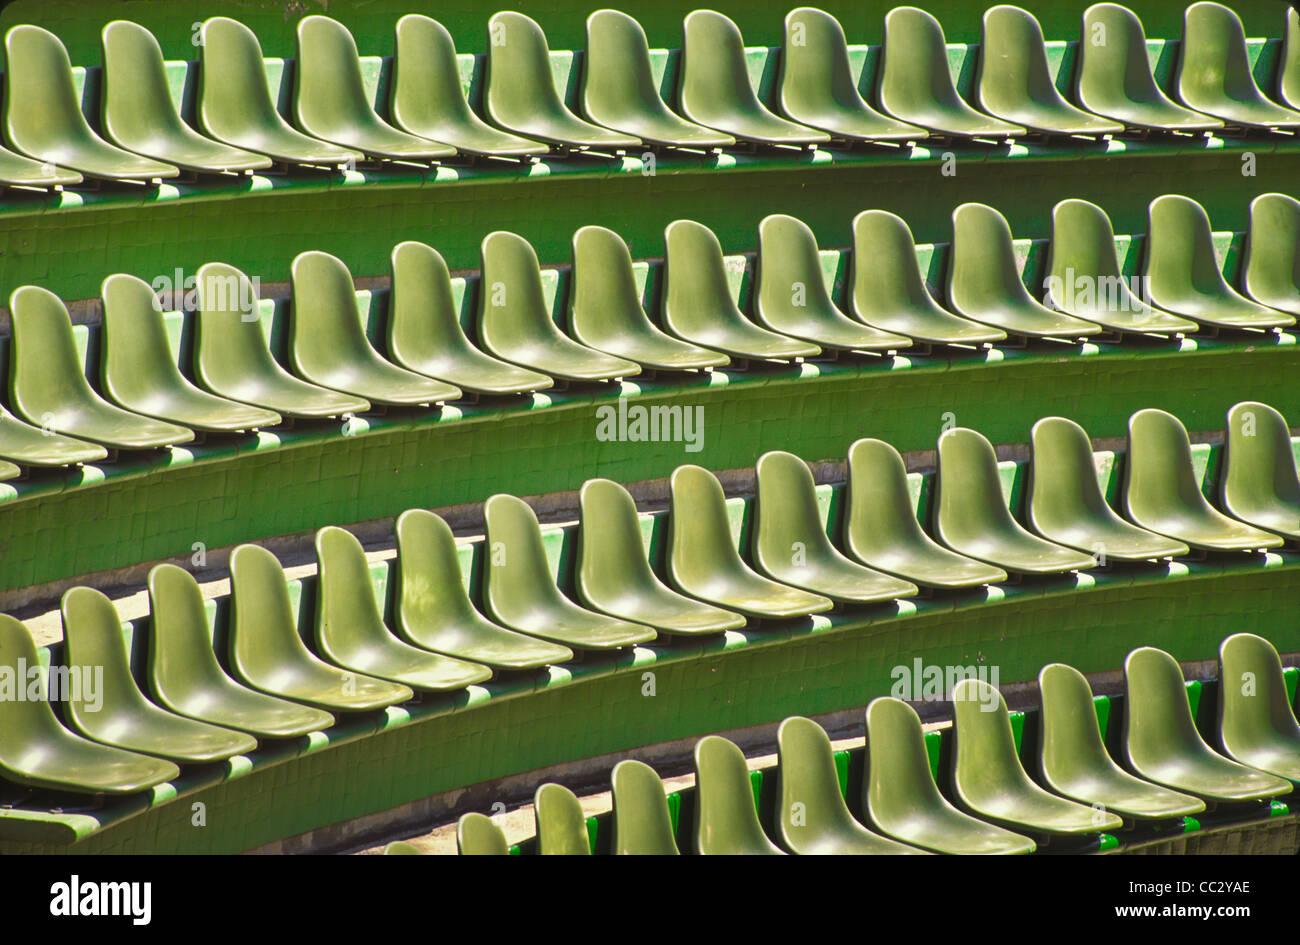 Ixtapa, Guerrero, México, las filas de asientos verde Imagen De Stock